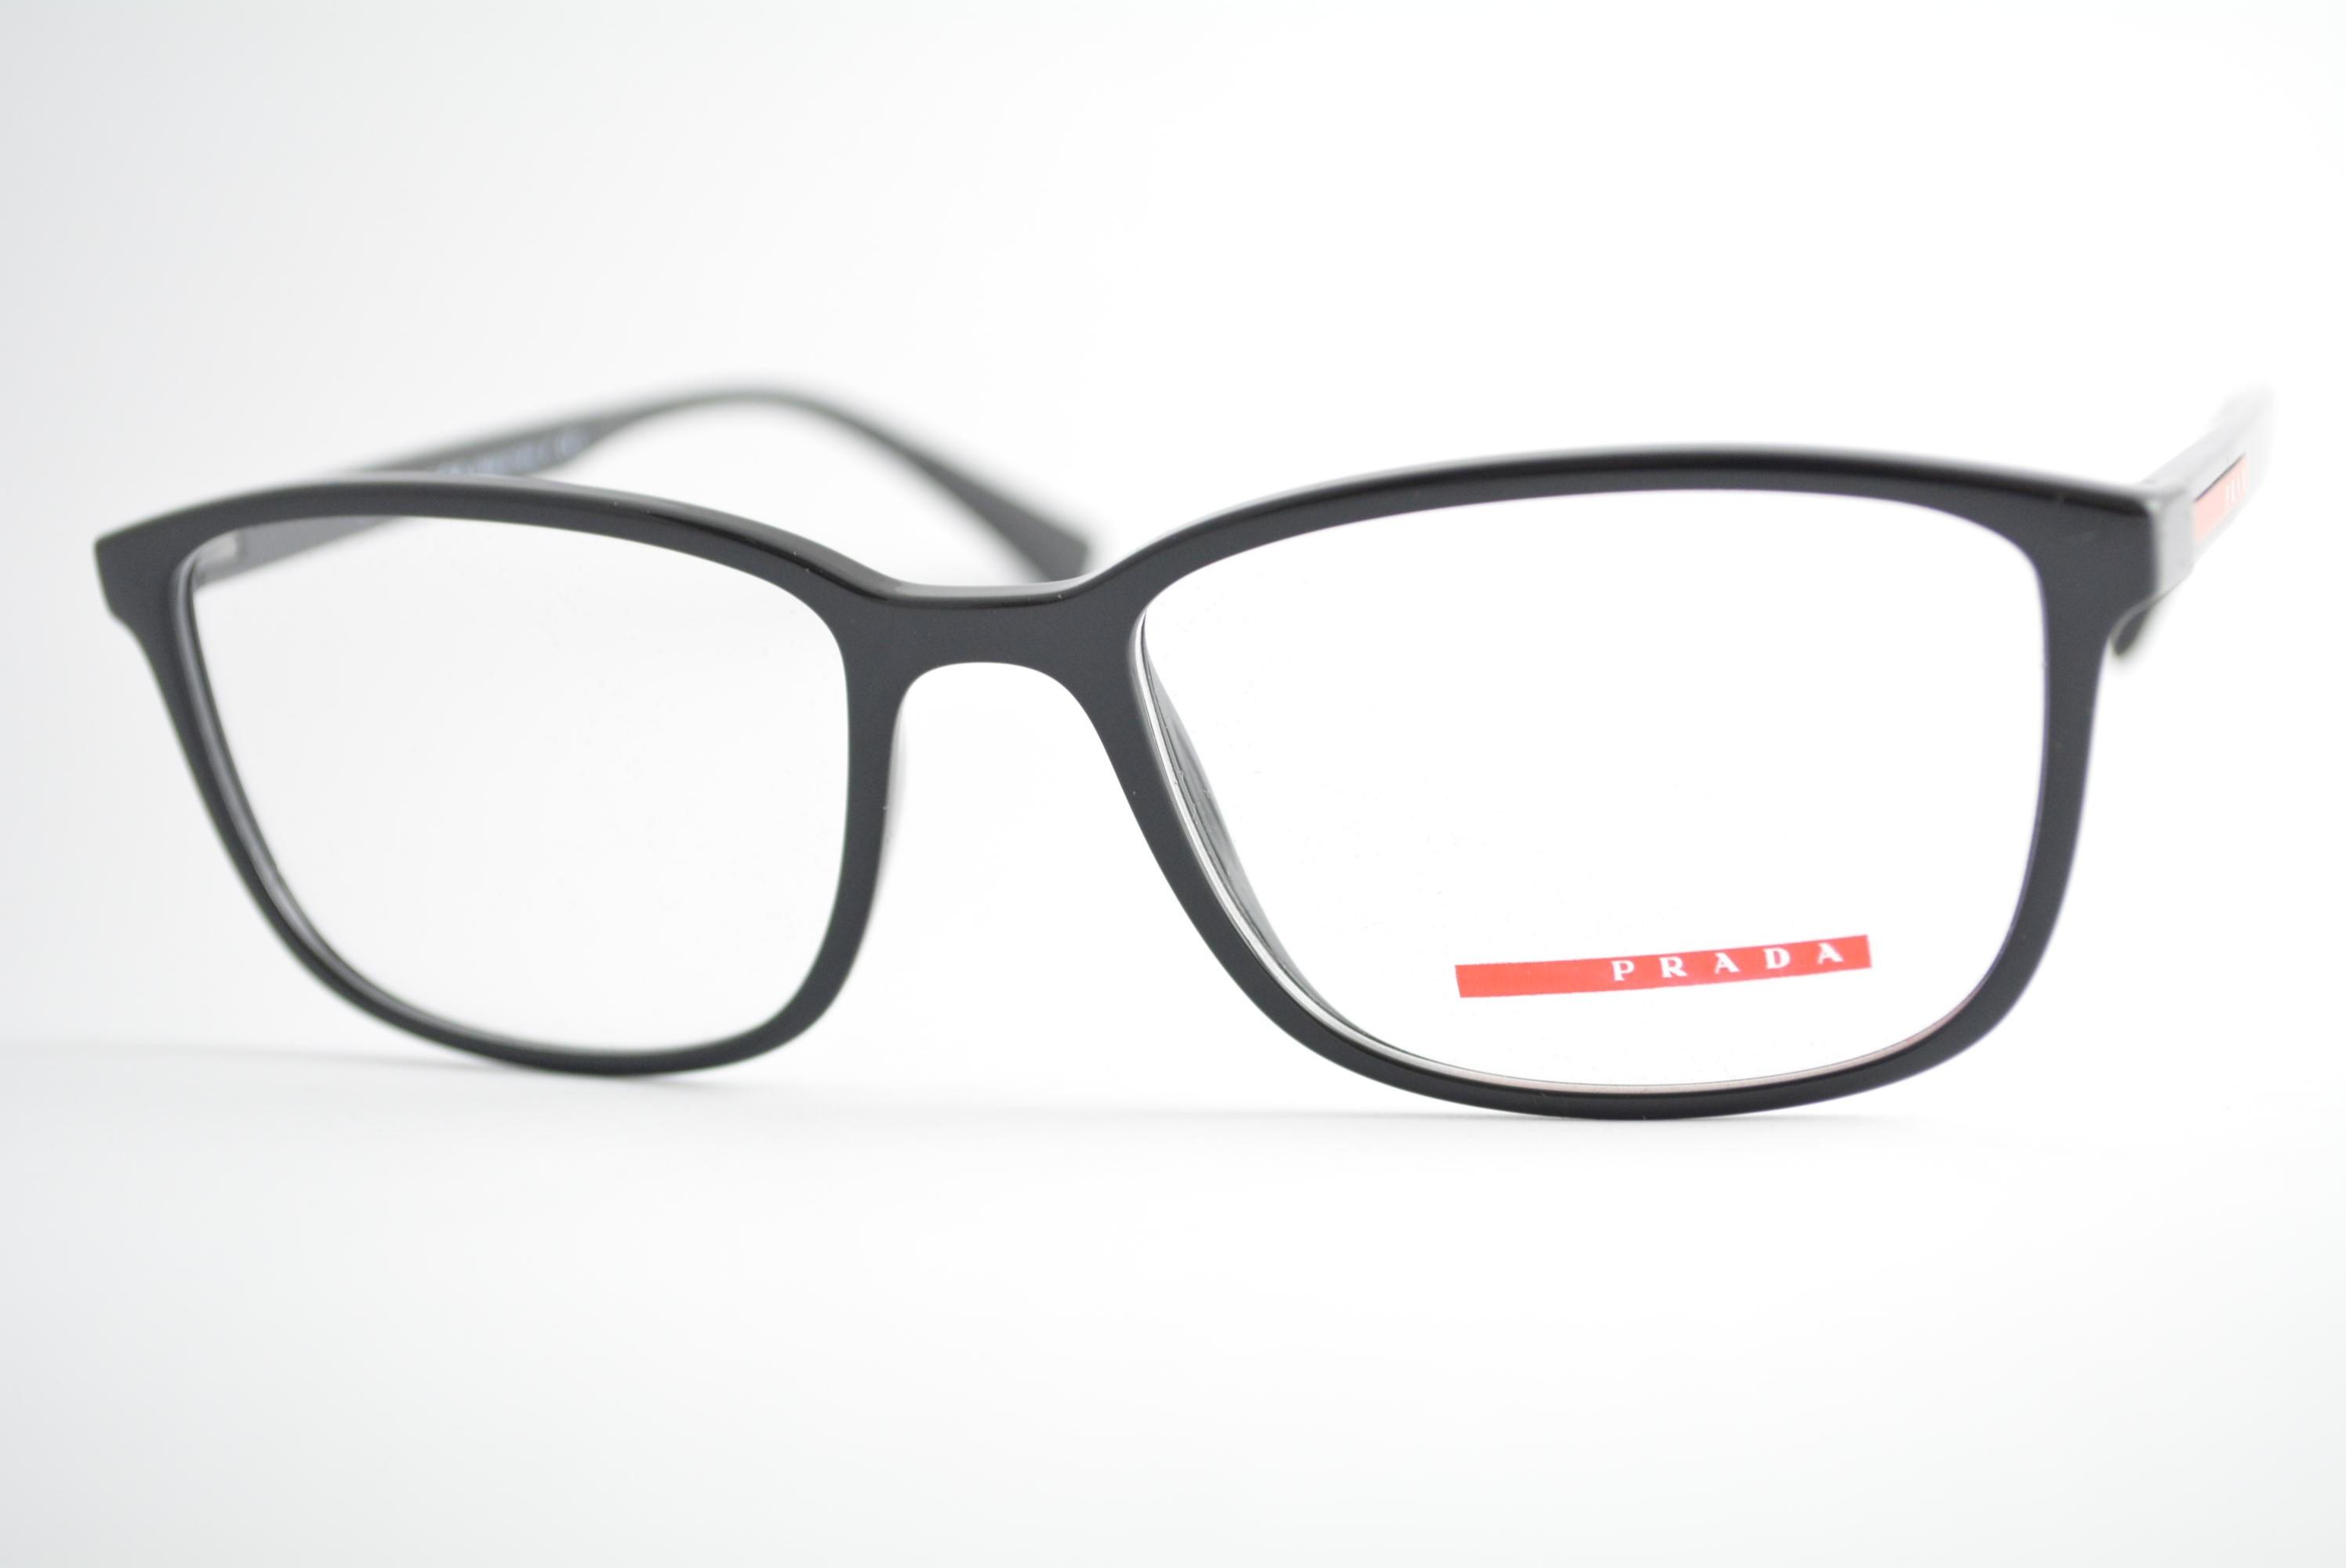 69304da1a54c8 armação de óculos Prada Linea Rossa mod vps04I 1AB-1O1 Ótica Cardoso